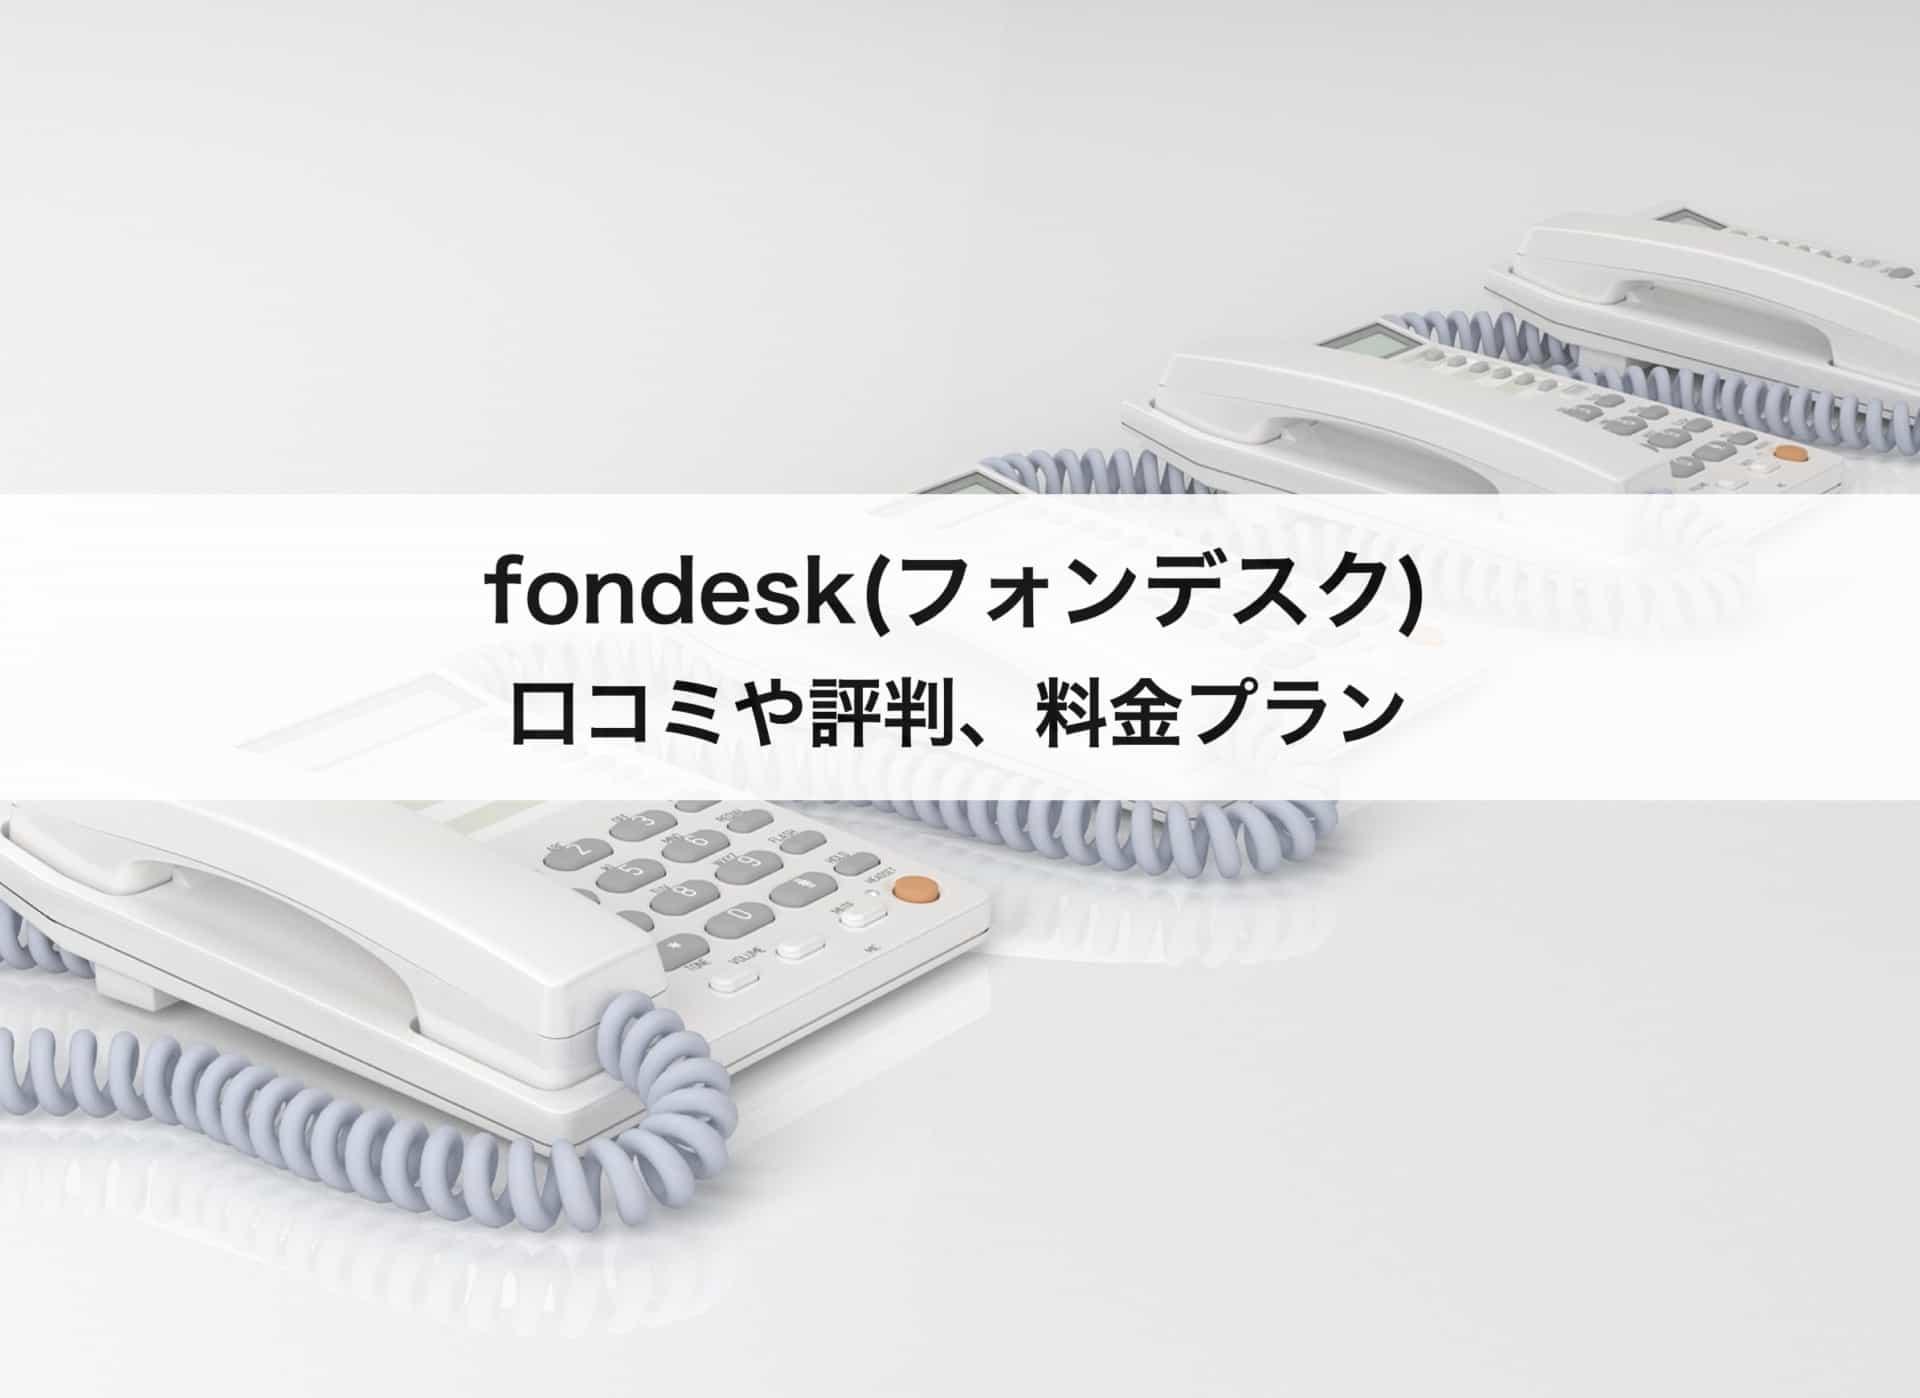 電話代行サービスfondesk(フォンデスク)とは?口コミや評判、料金プランも紹介!